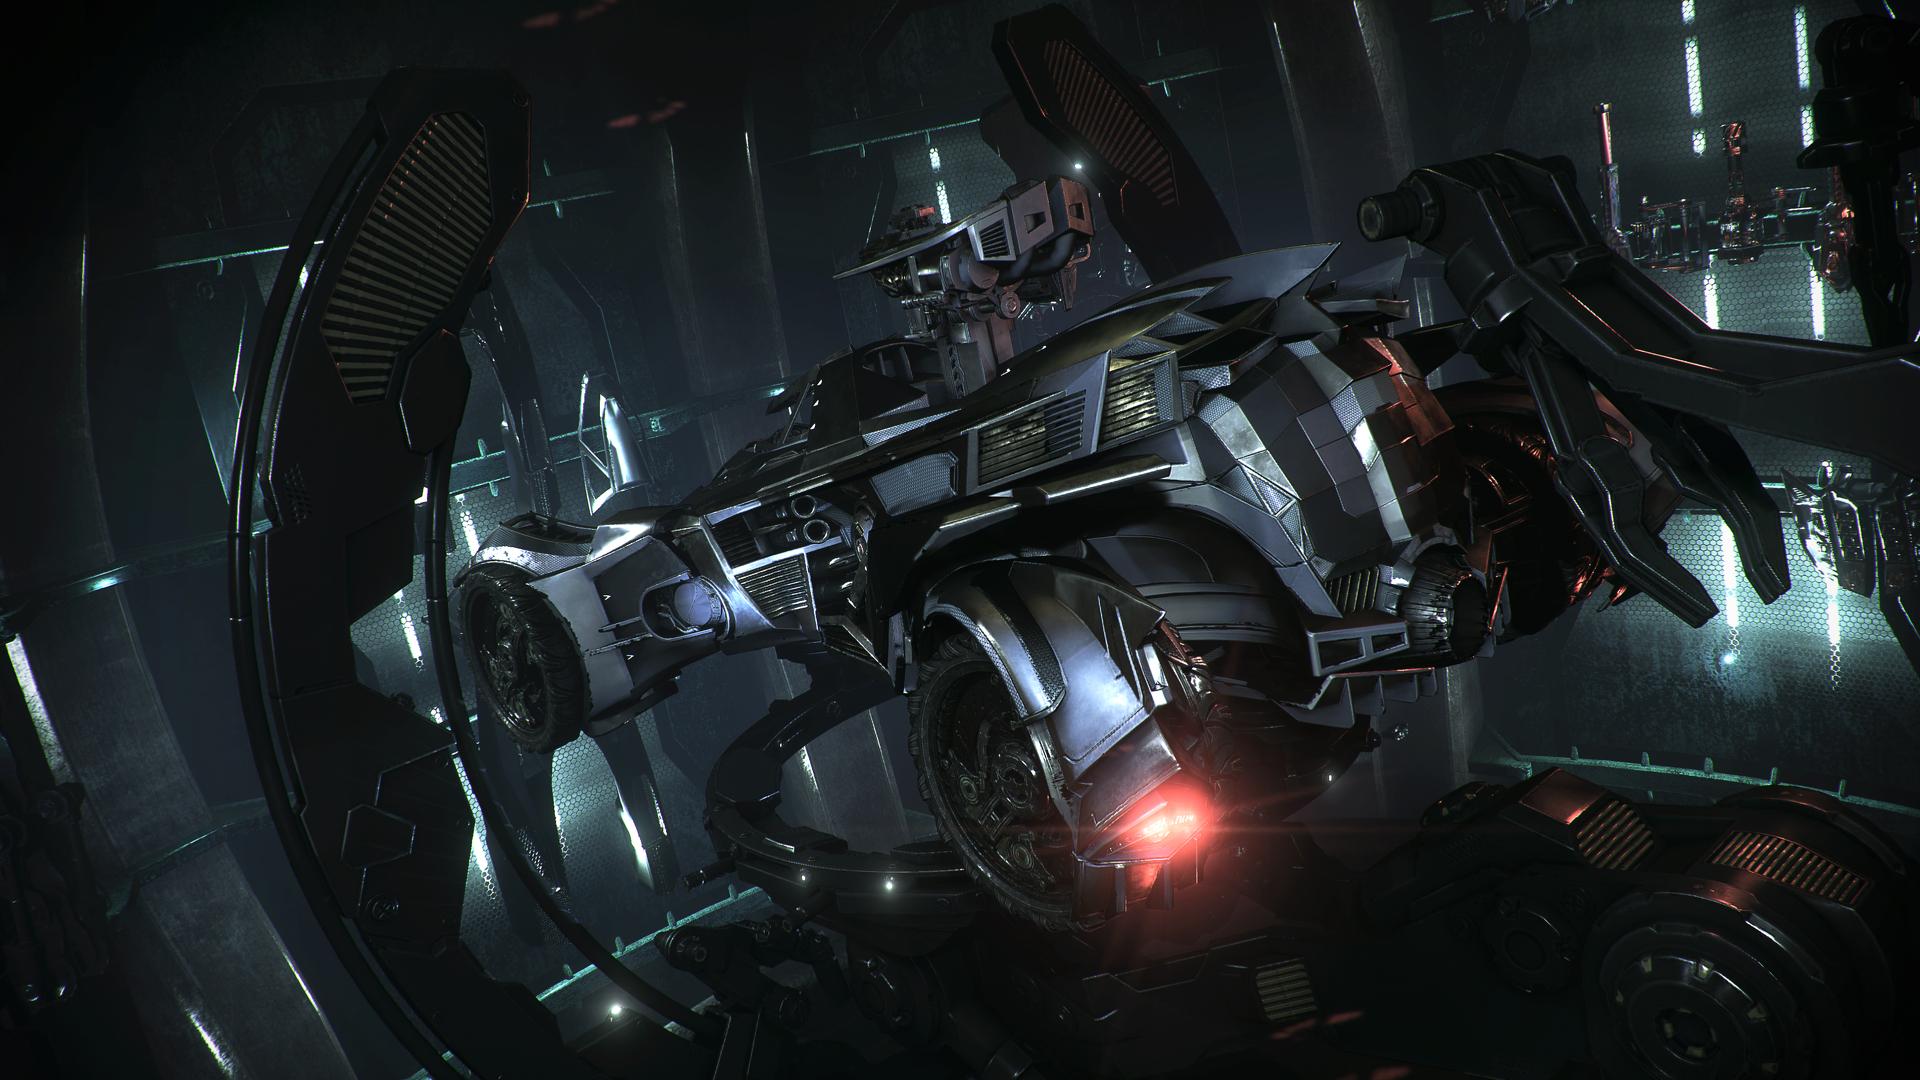 Výzvy s Batmobilem a další ukázky z nového Batmana 110685